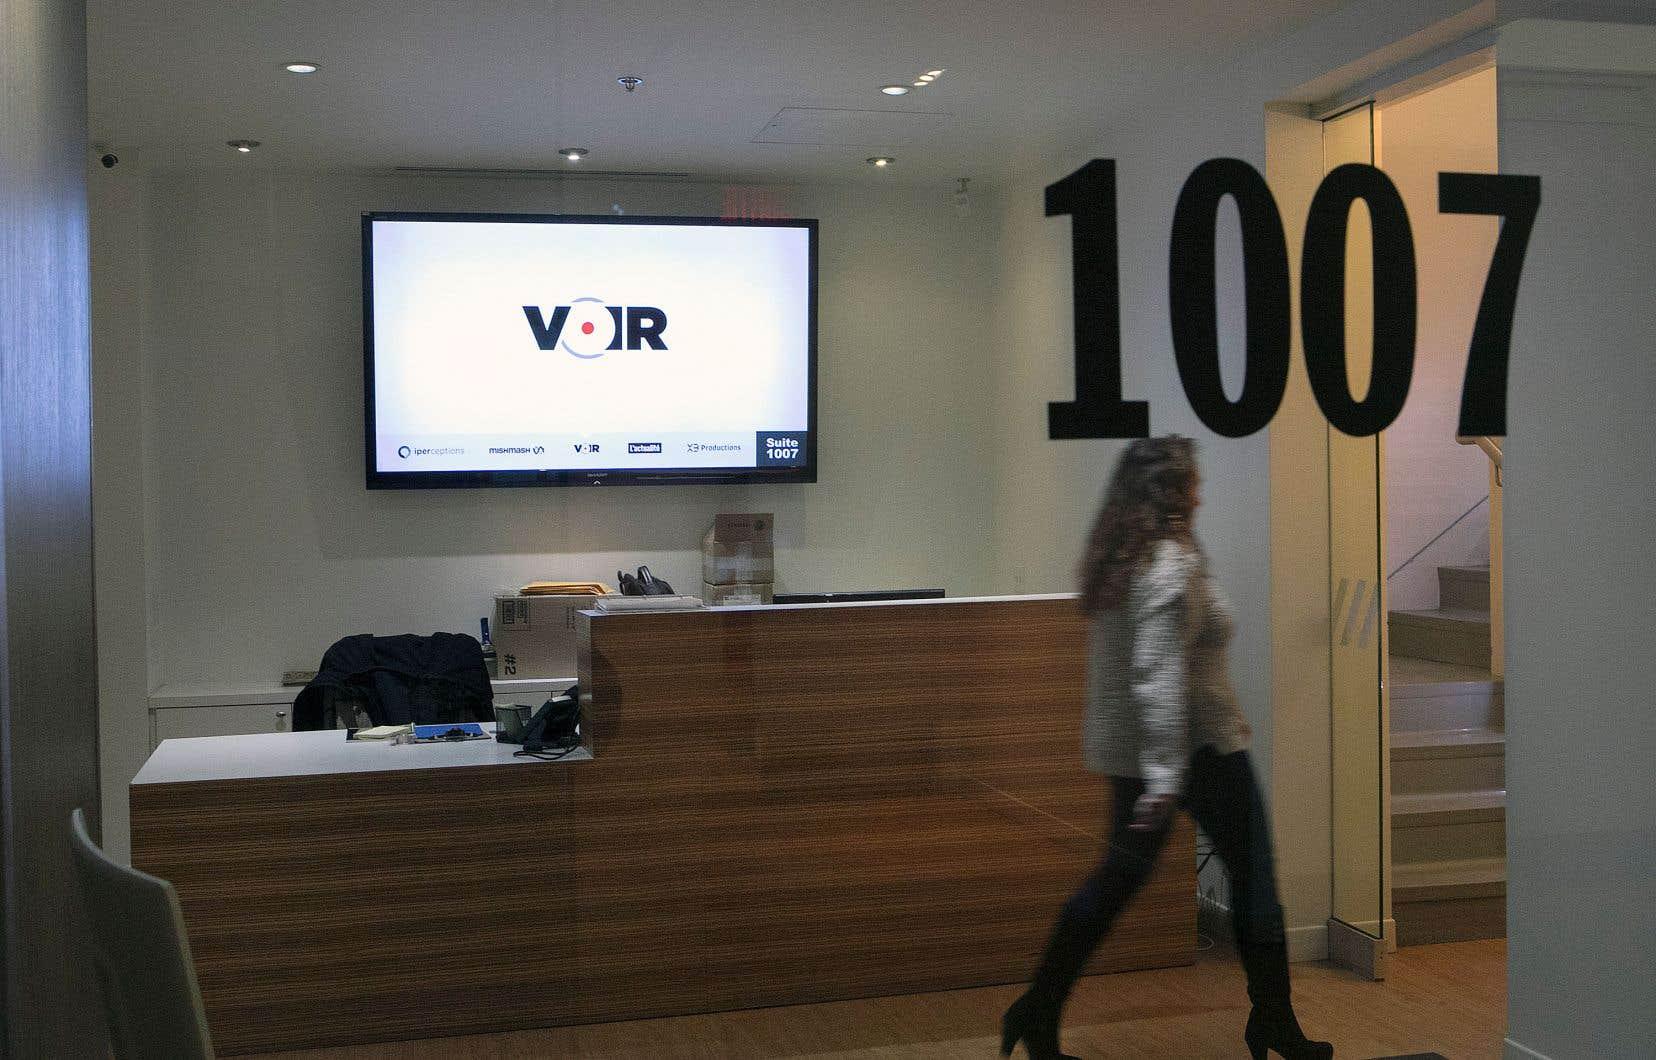 La gratuité, centrale au modèle d'affaires de «Voir», ne changera pas avec la disparition du papier, indique l'entreprise.